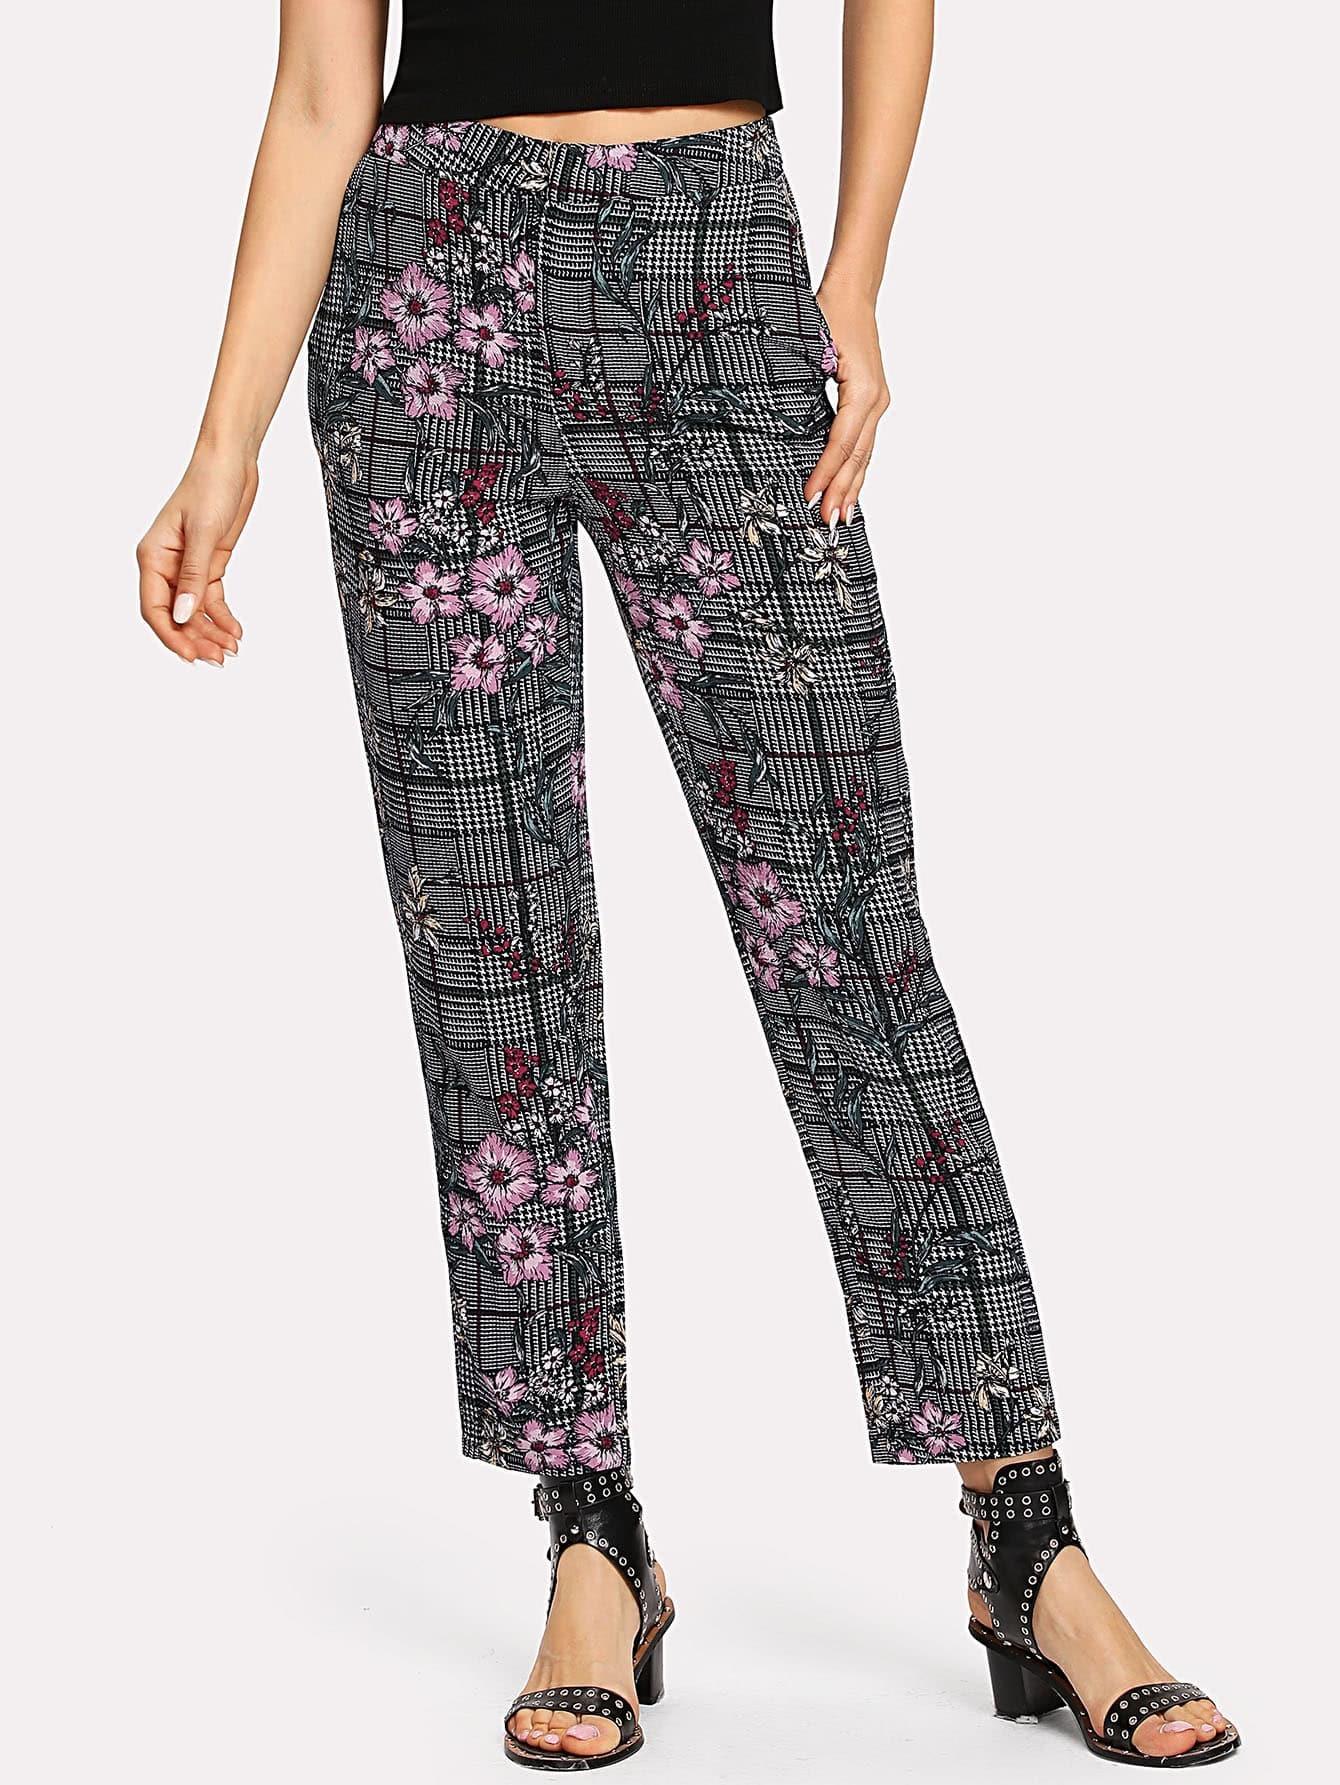 Купить Модные клетчатые брюки с цветочным принтом, Natalib, SheIn